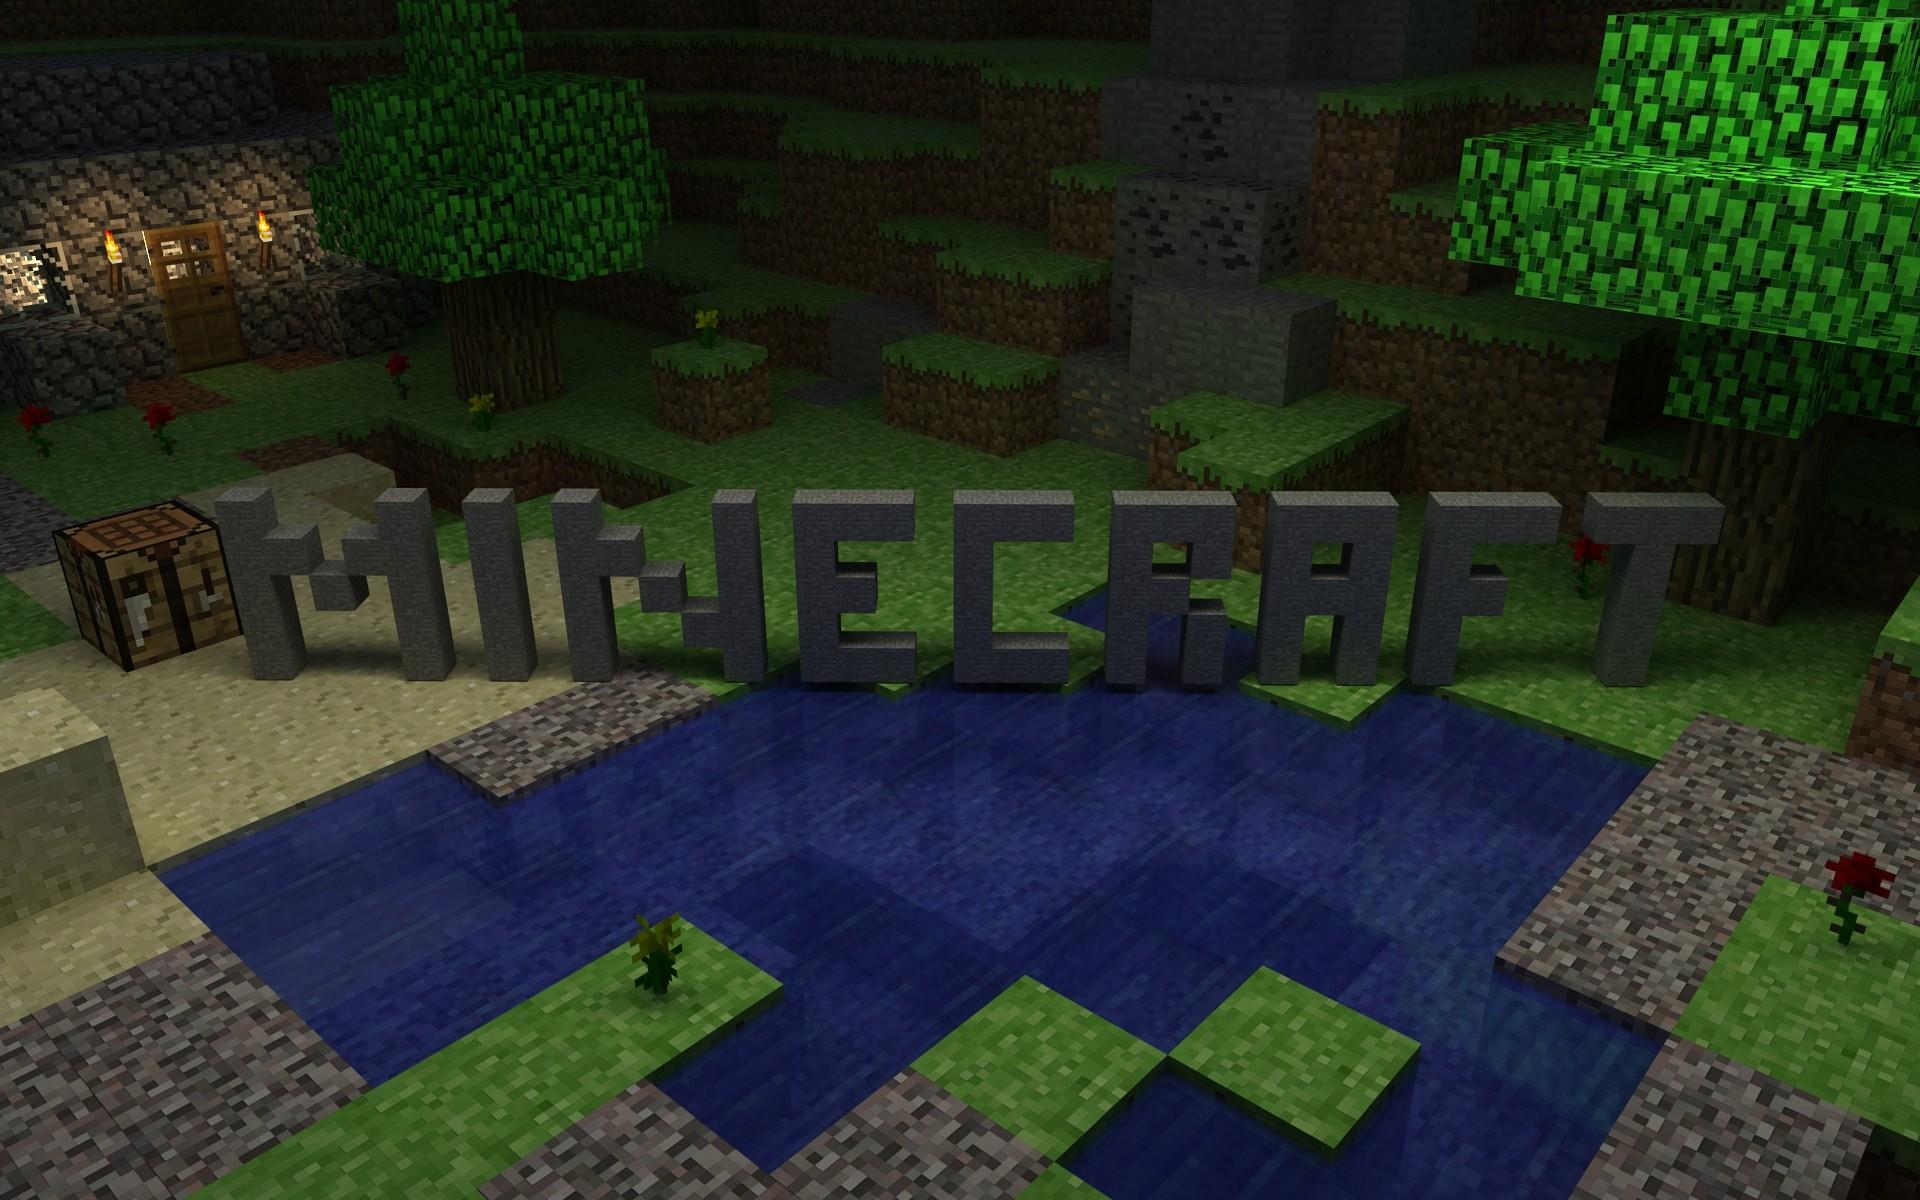 wallpaper video games grass jungle maze backyard terrain